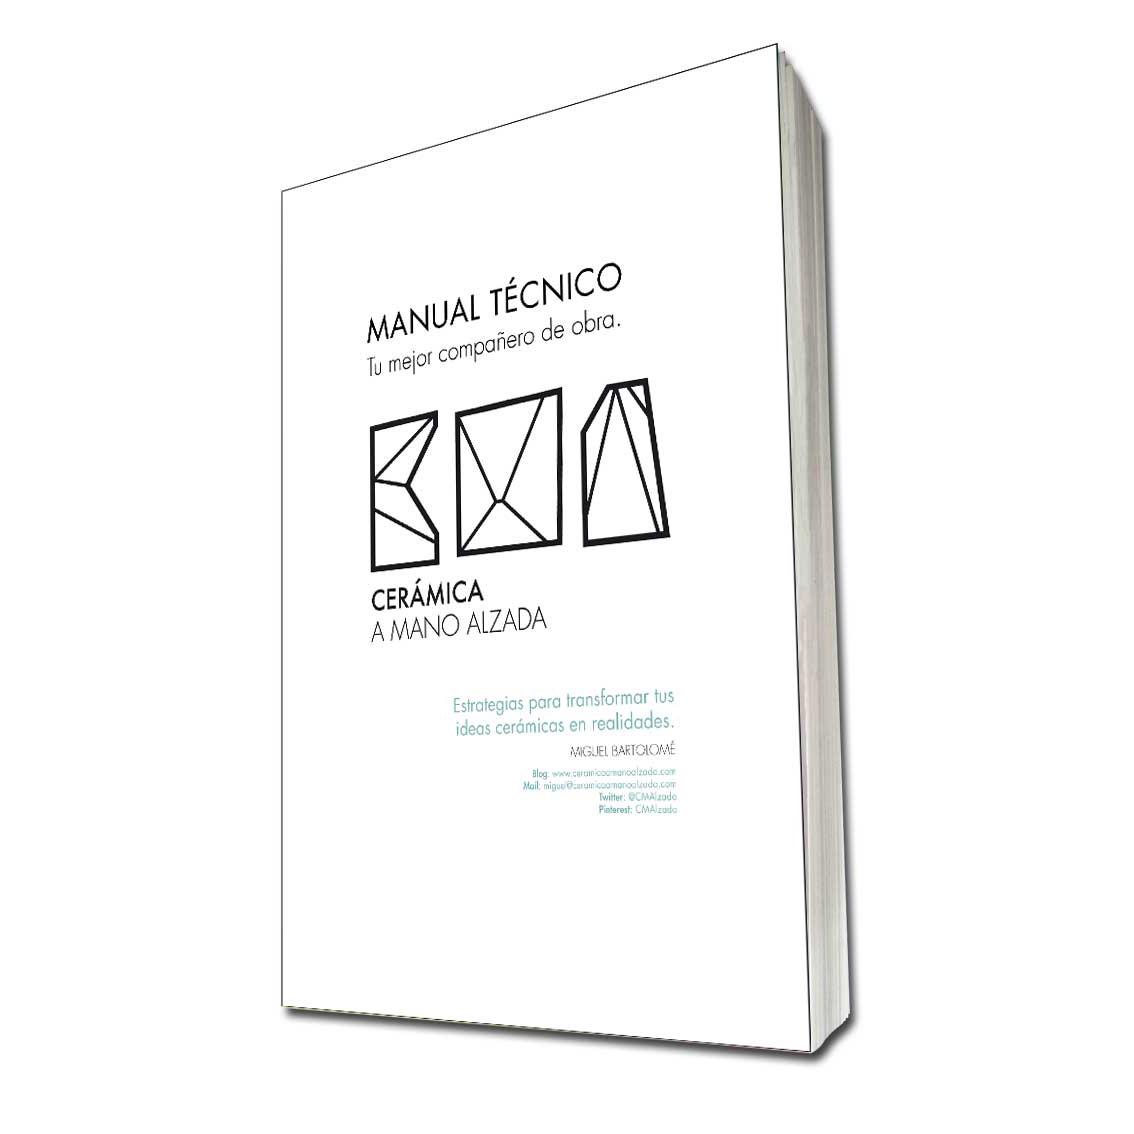 Manuales-técnicos-cerámica-a mano alzada